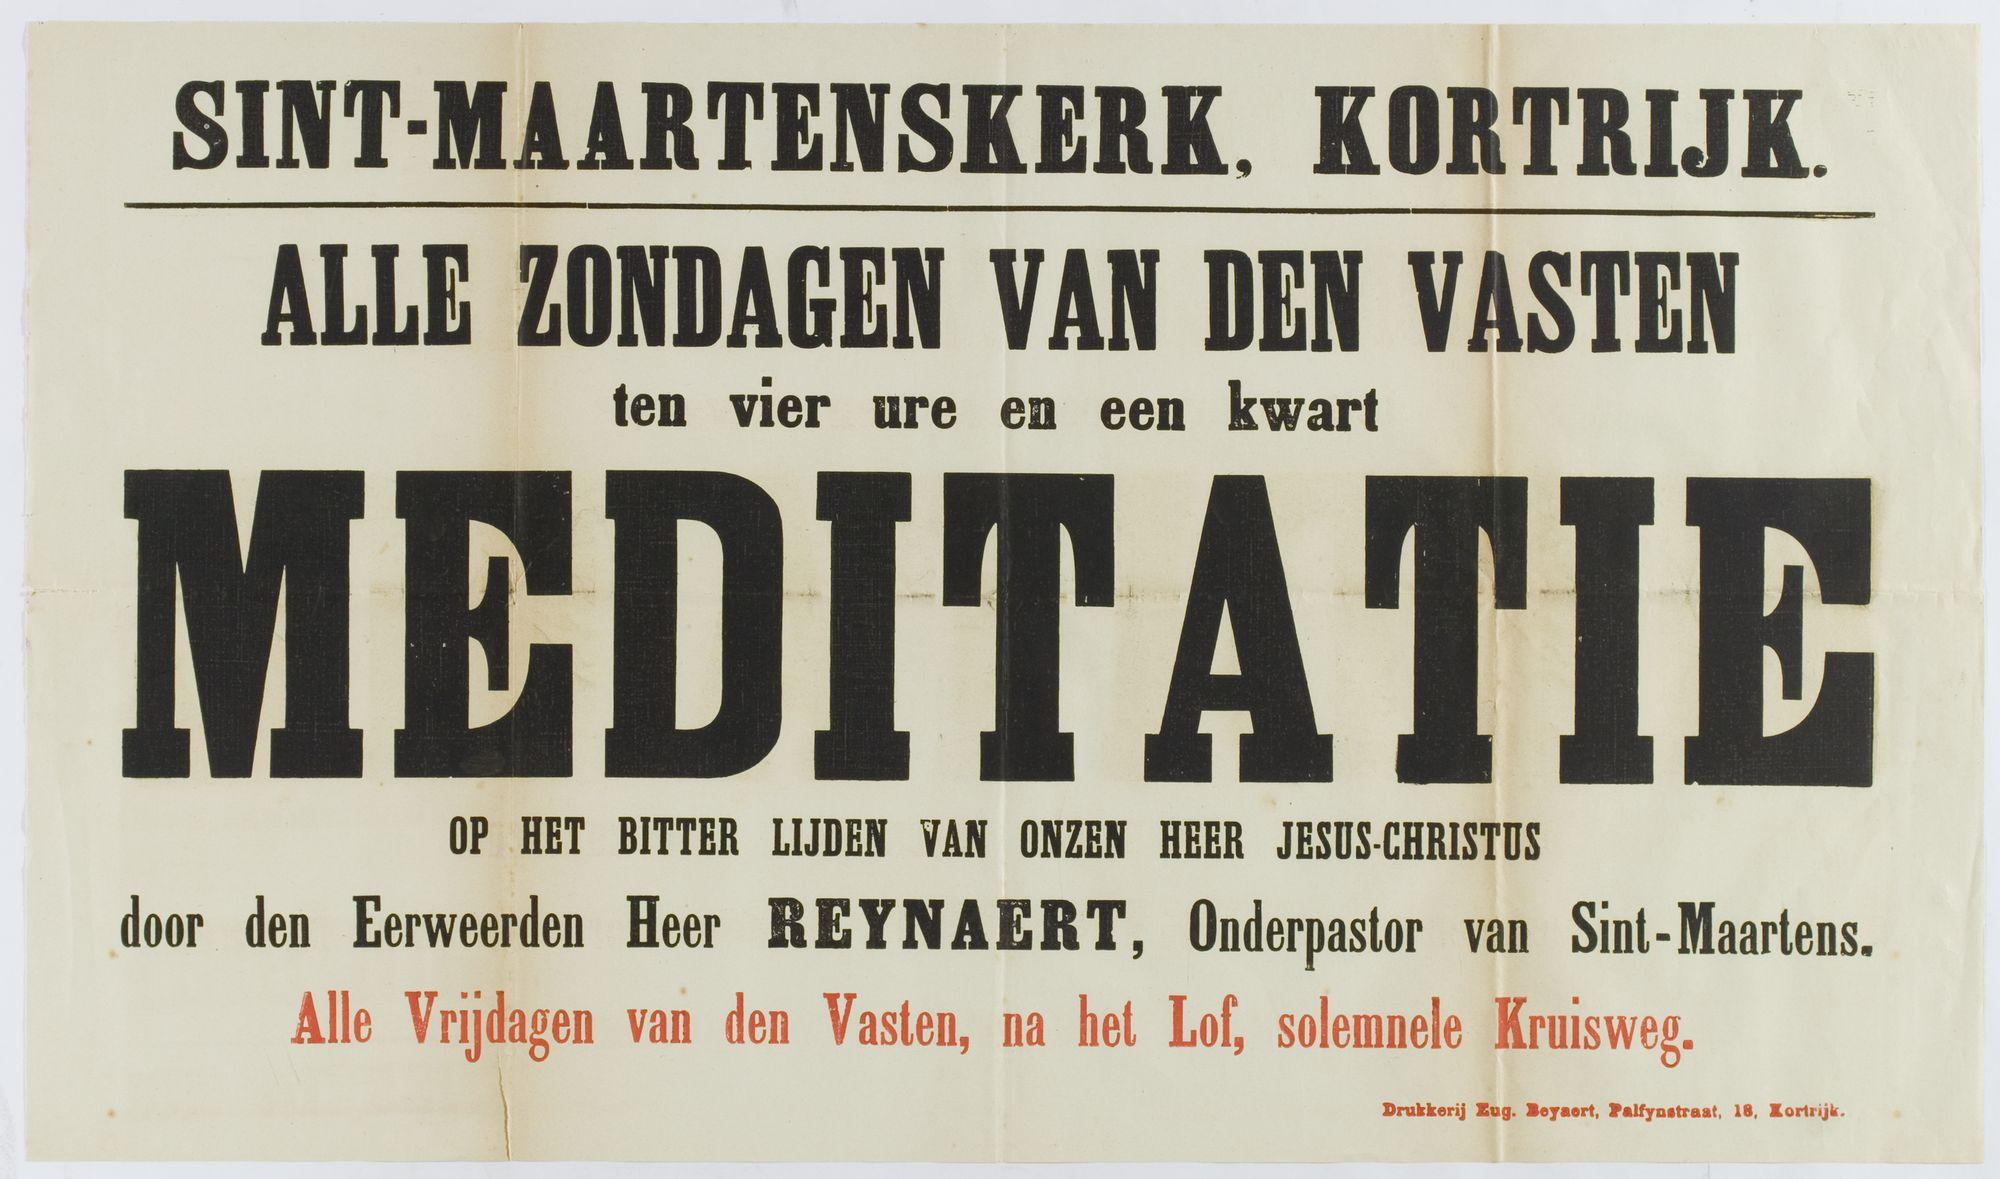 Meditatie in de Sint-Maartenskerk